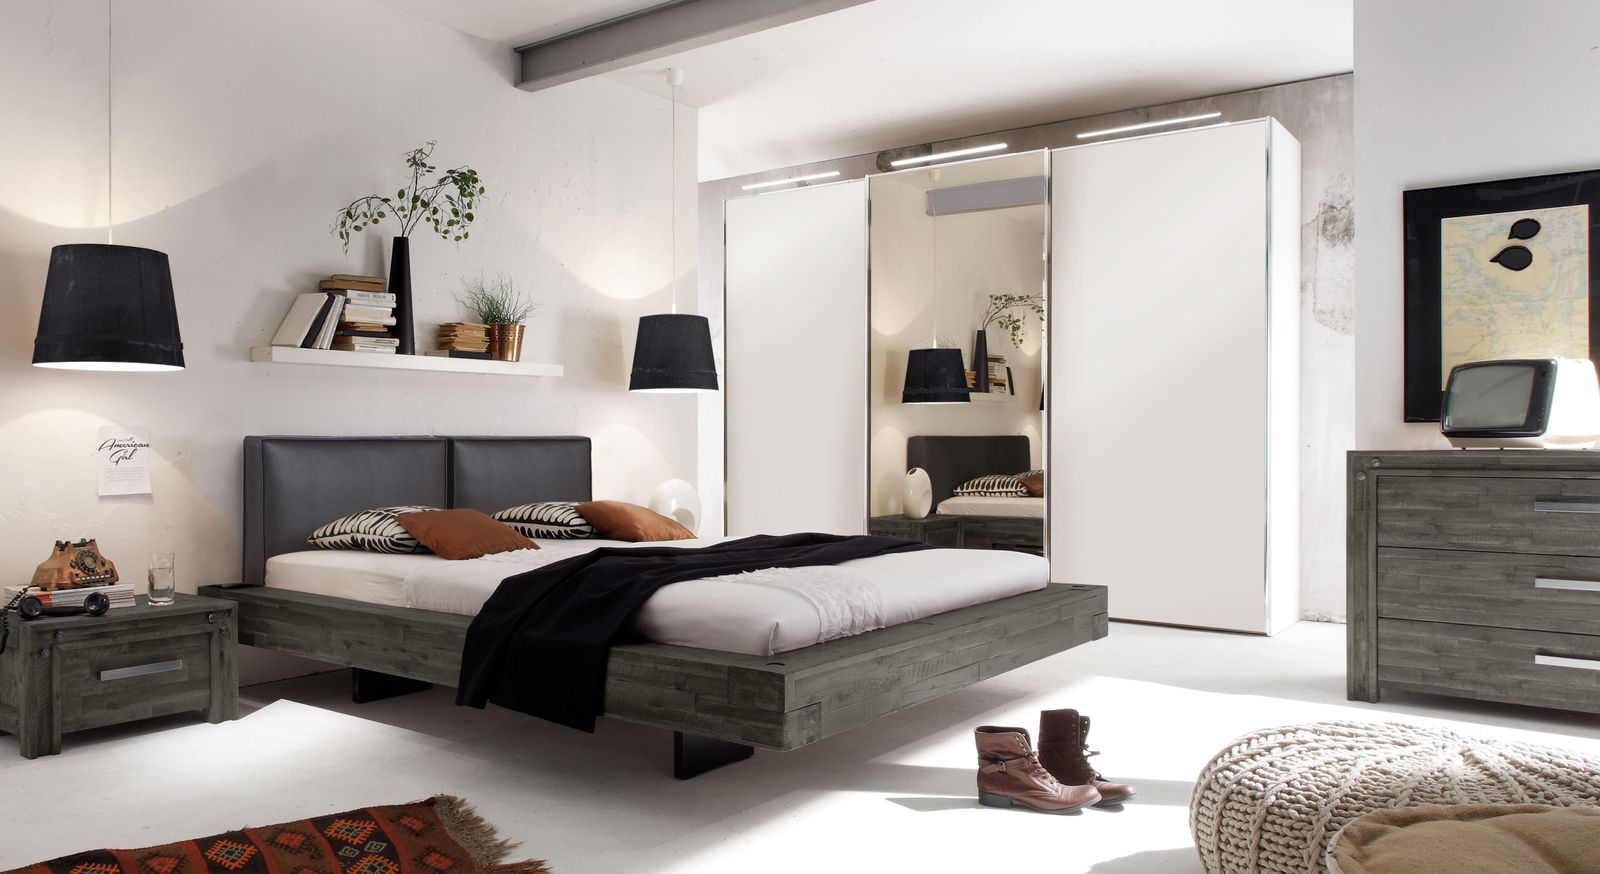 industrial style schlafzimmer mit schwebebett aus akazie